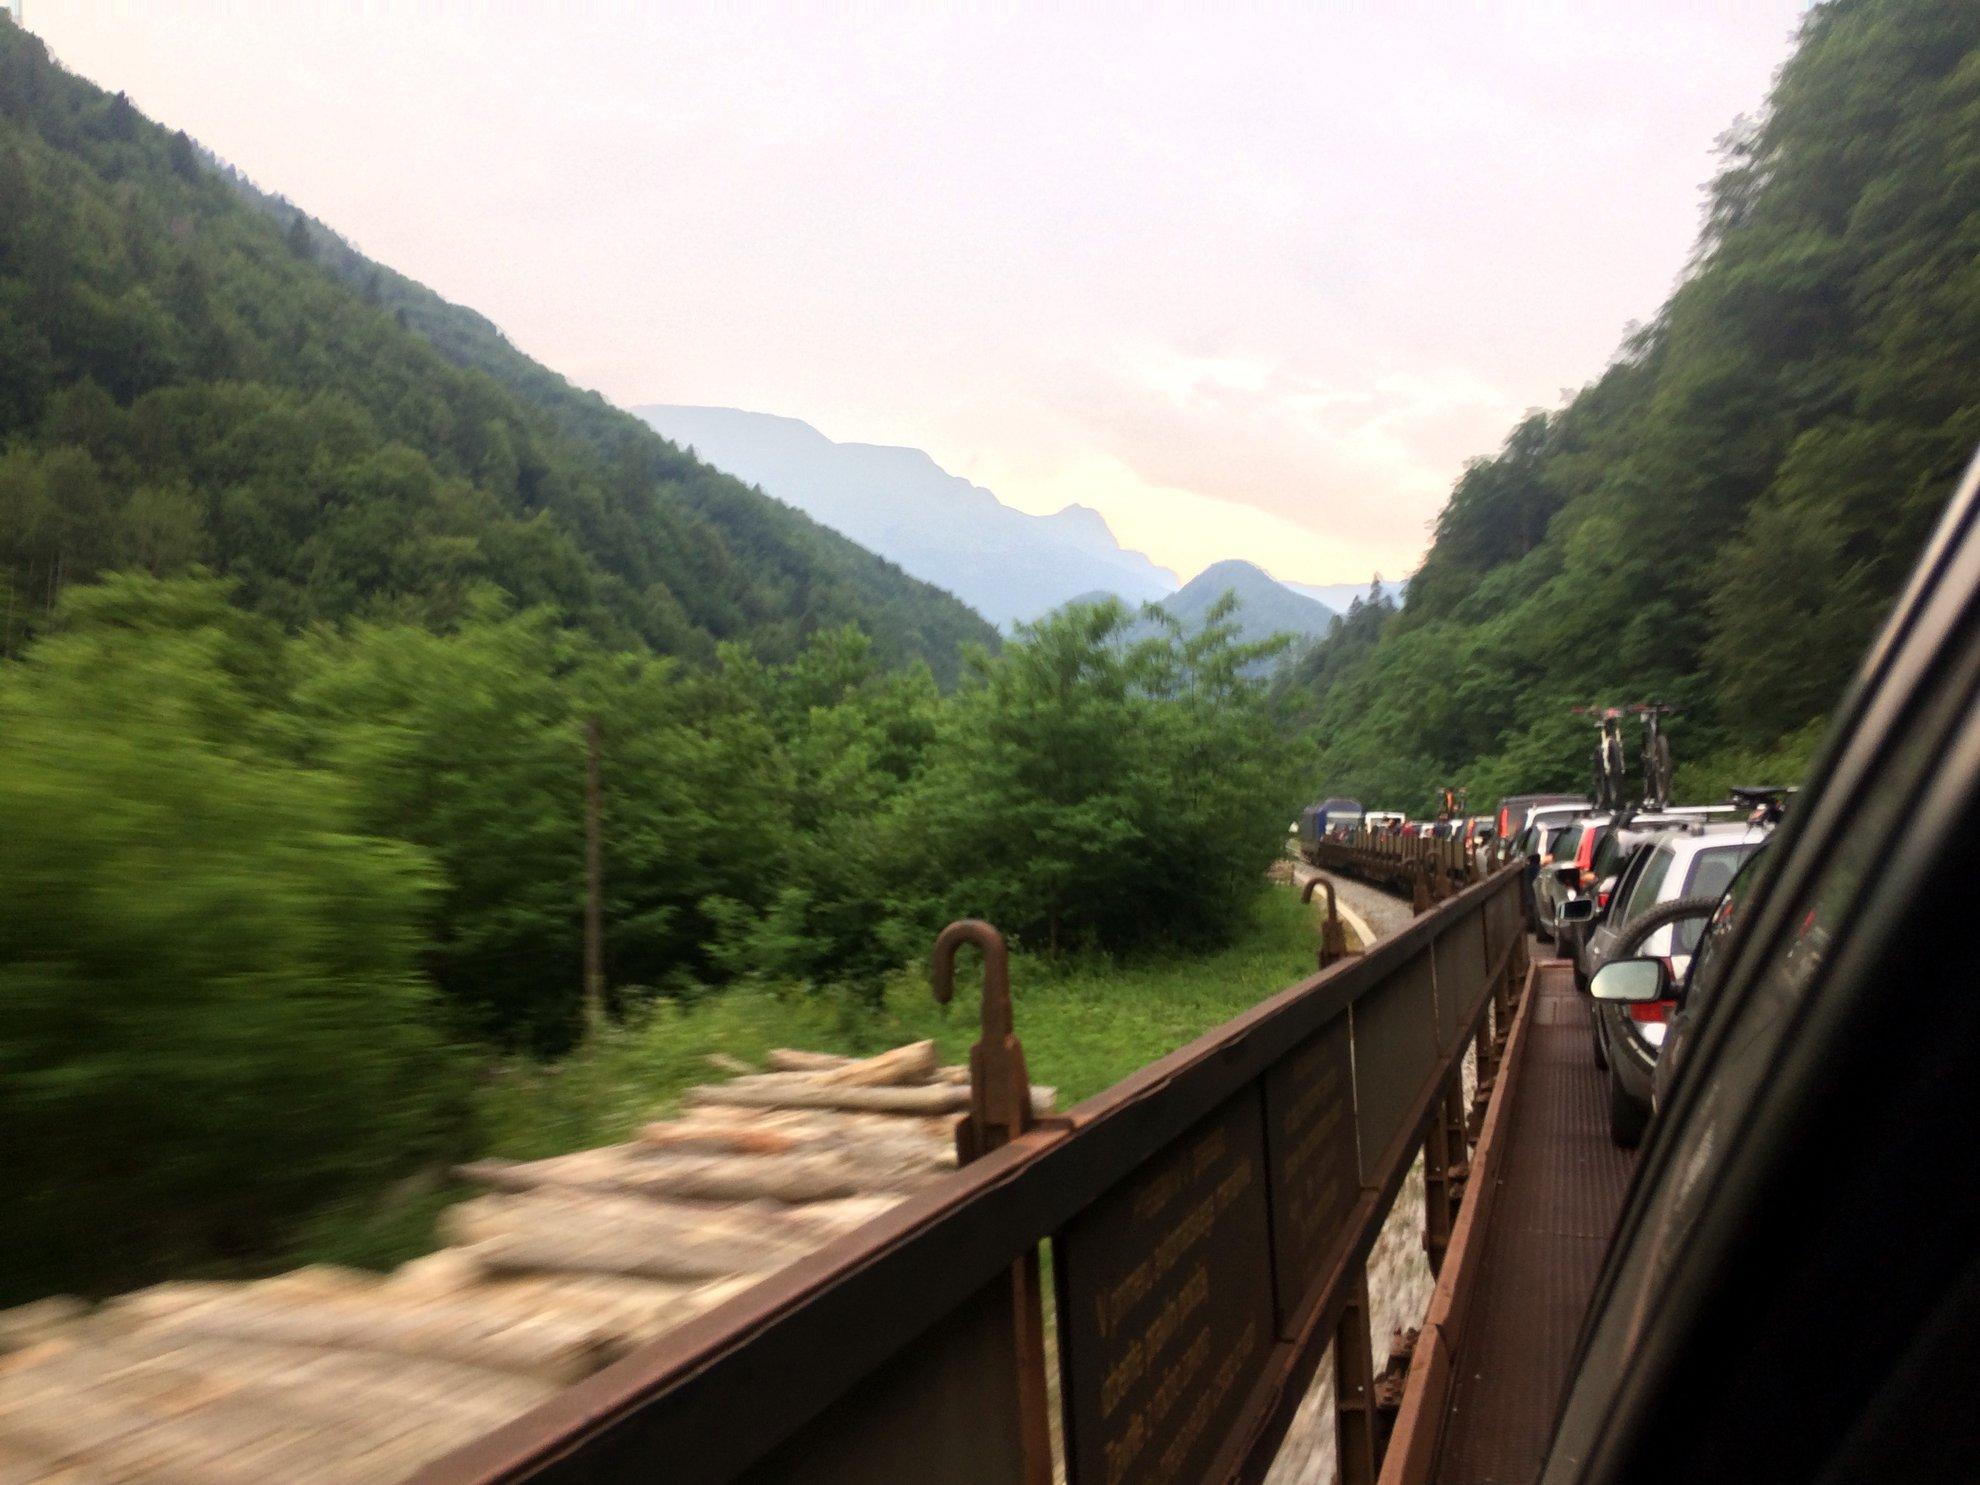 2 nap - Ülünk a vonaton és kész